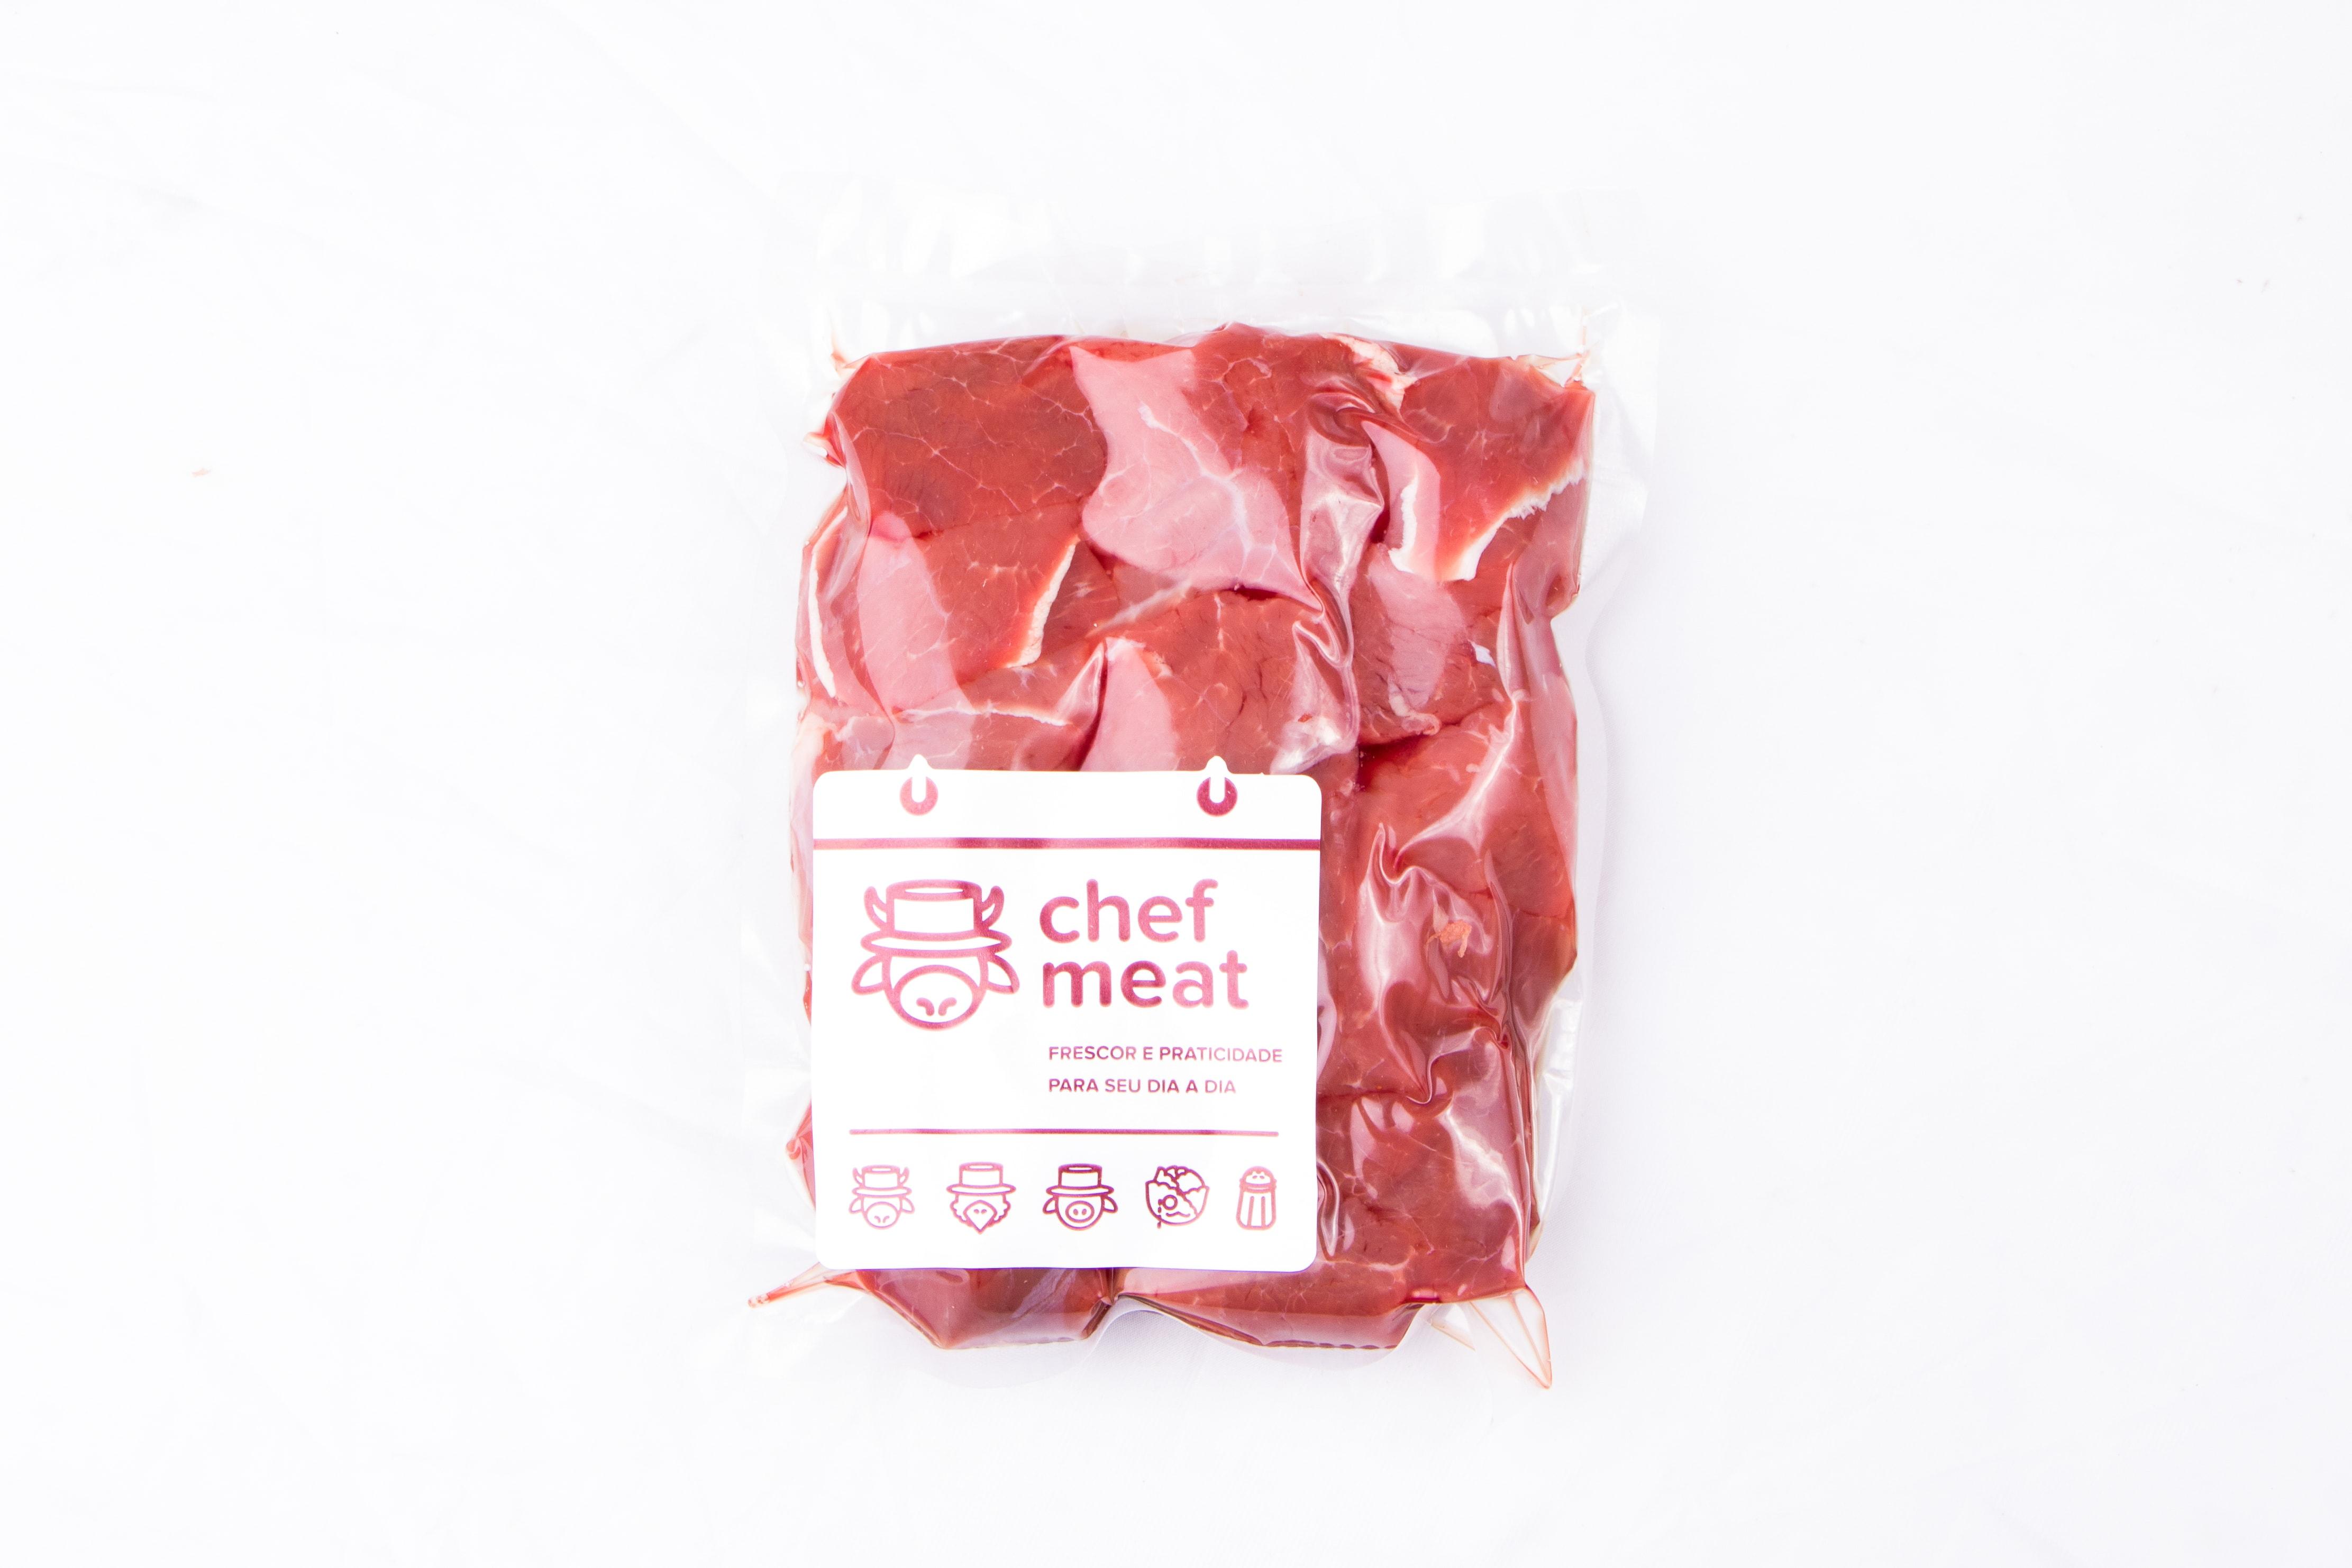 Acém resfriado em cubos por Kg Chef Meat  KG